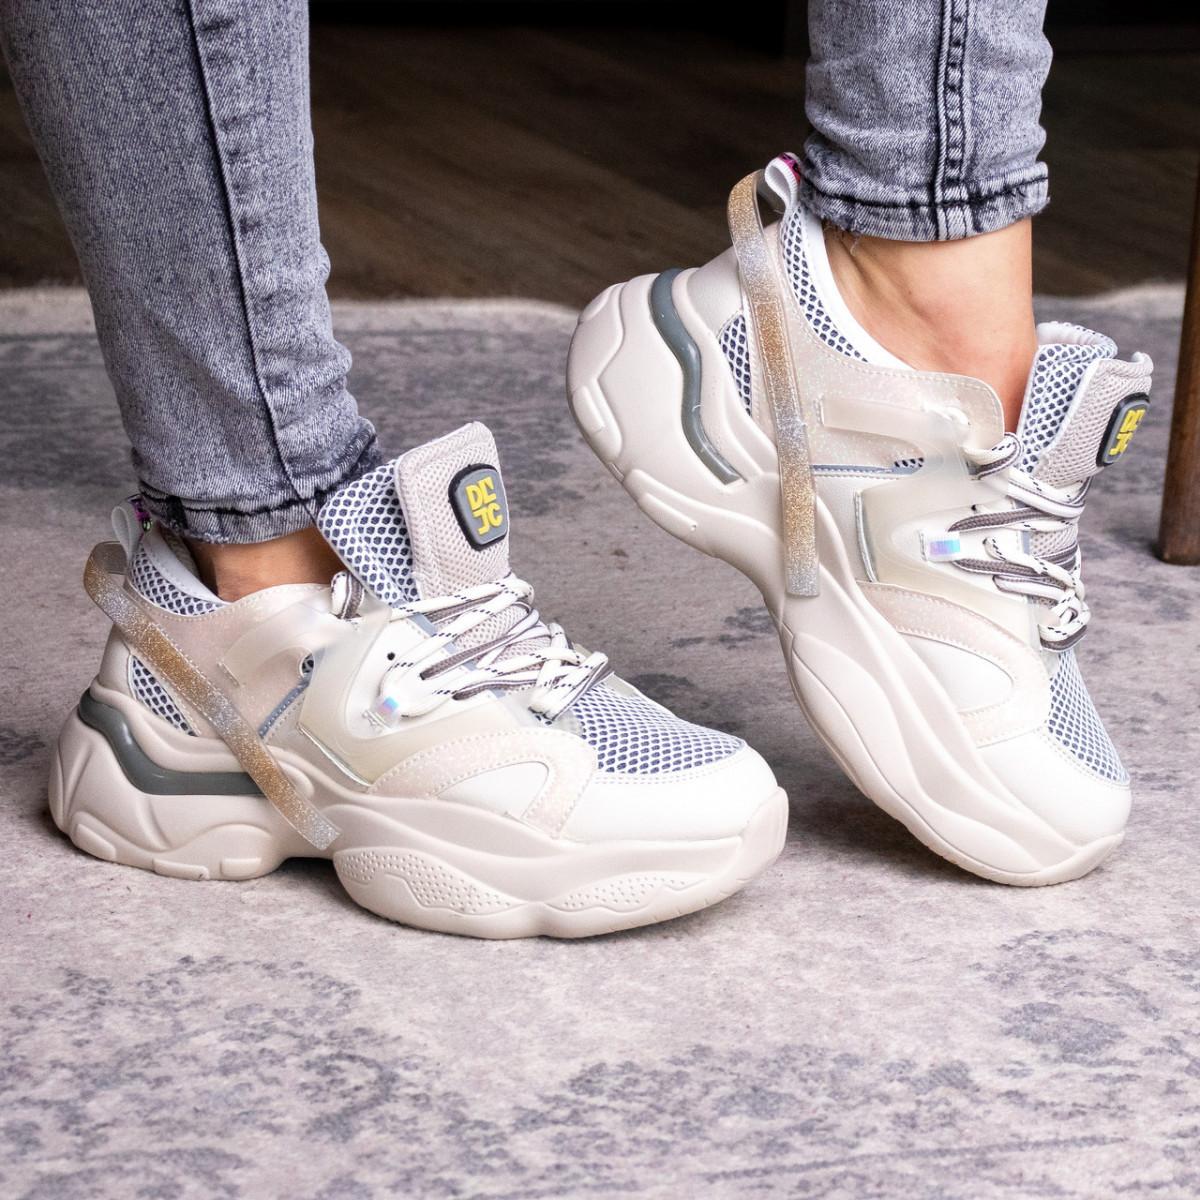 Жіночі кросівки Fashion Agatha 2048 36 розмір 23 см Бежевий